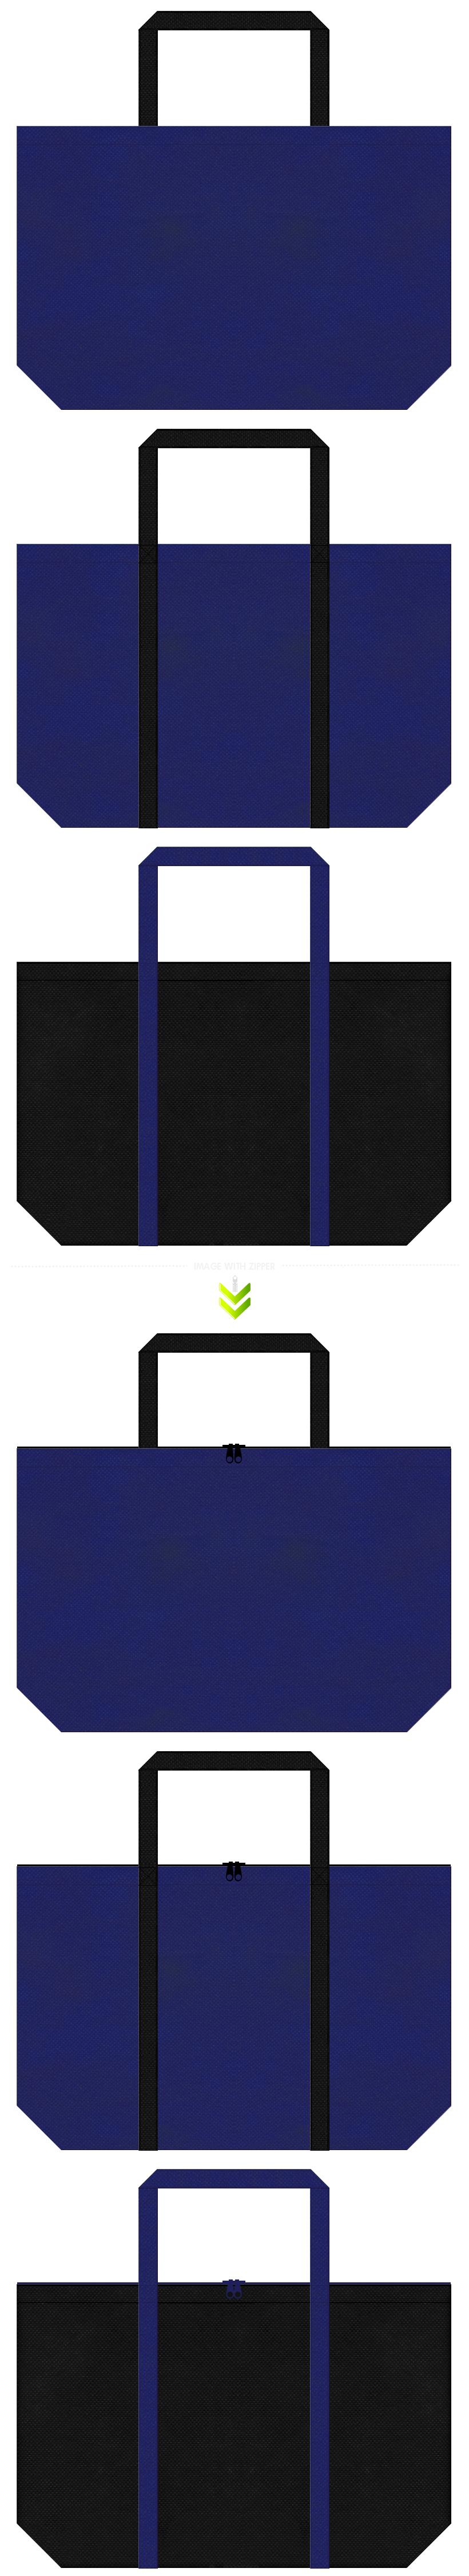 明るい紺色と黒色の不織布バッグデザイン。ホラーイメージにお奨めの配色です。